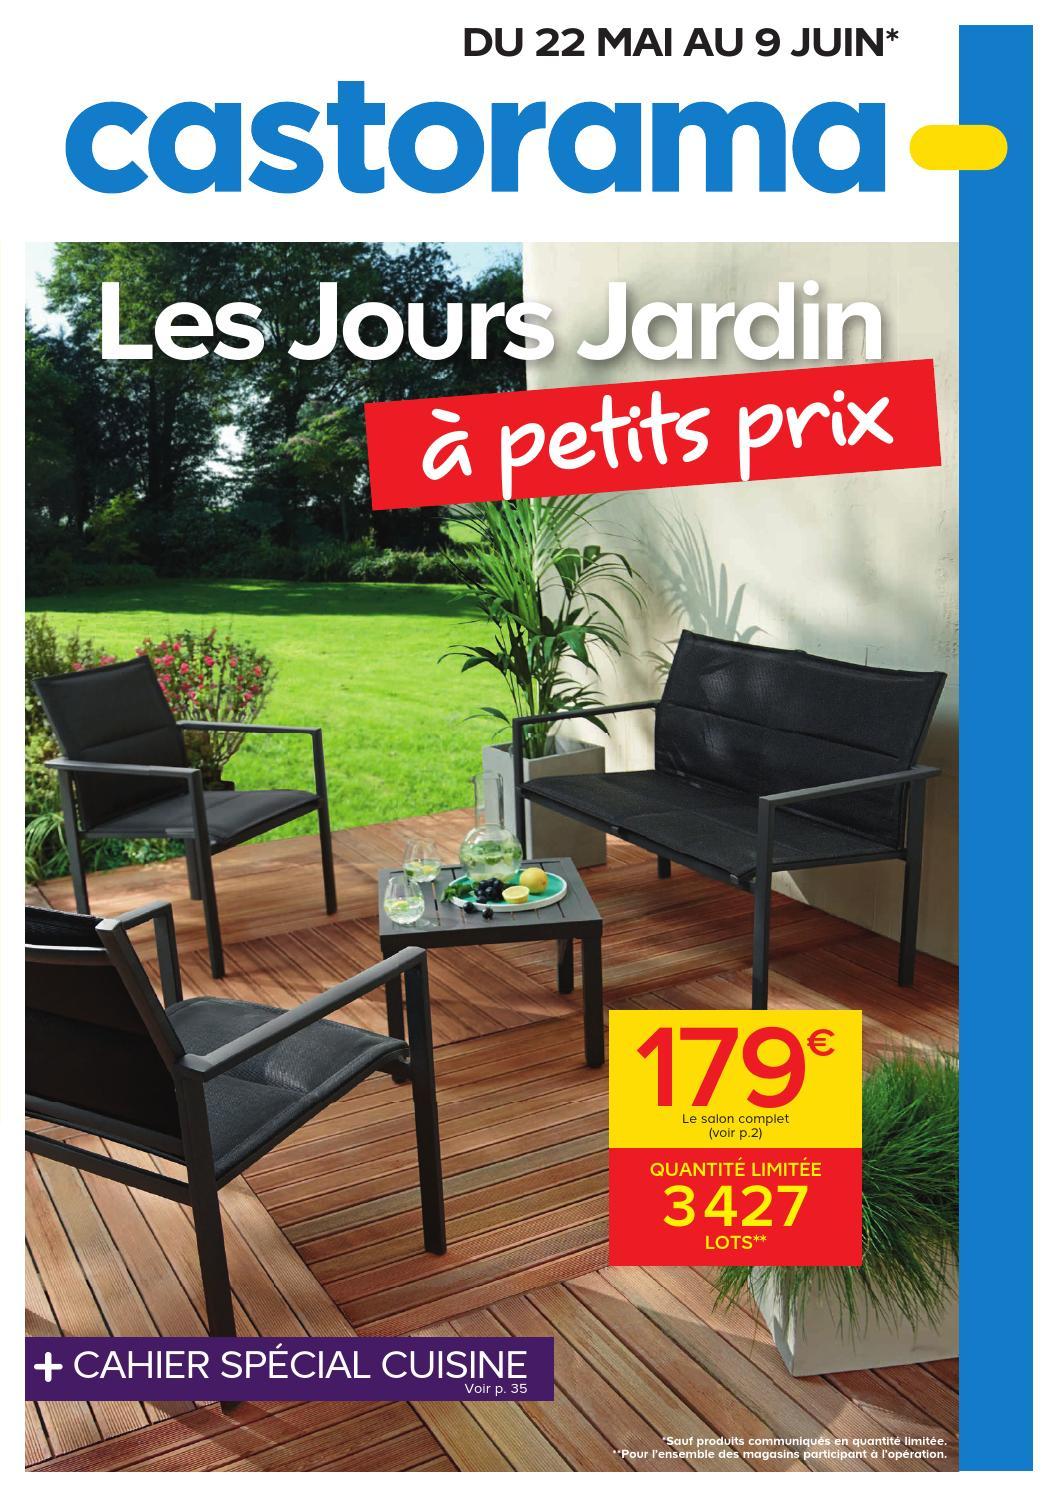 Castorama Catalogue 22Mai 9Juin2015 By Promocatalogues ... intérieur Salon De Jardin Pas Cher Castorama